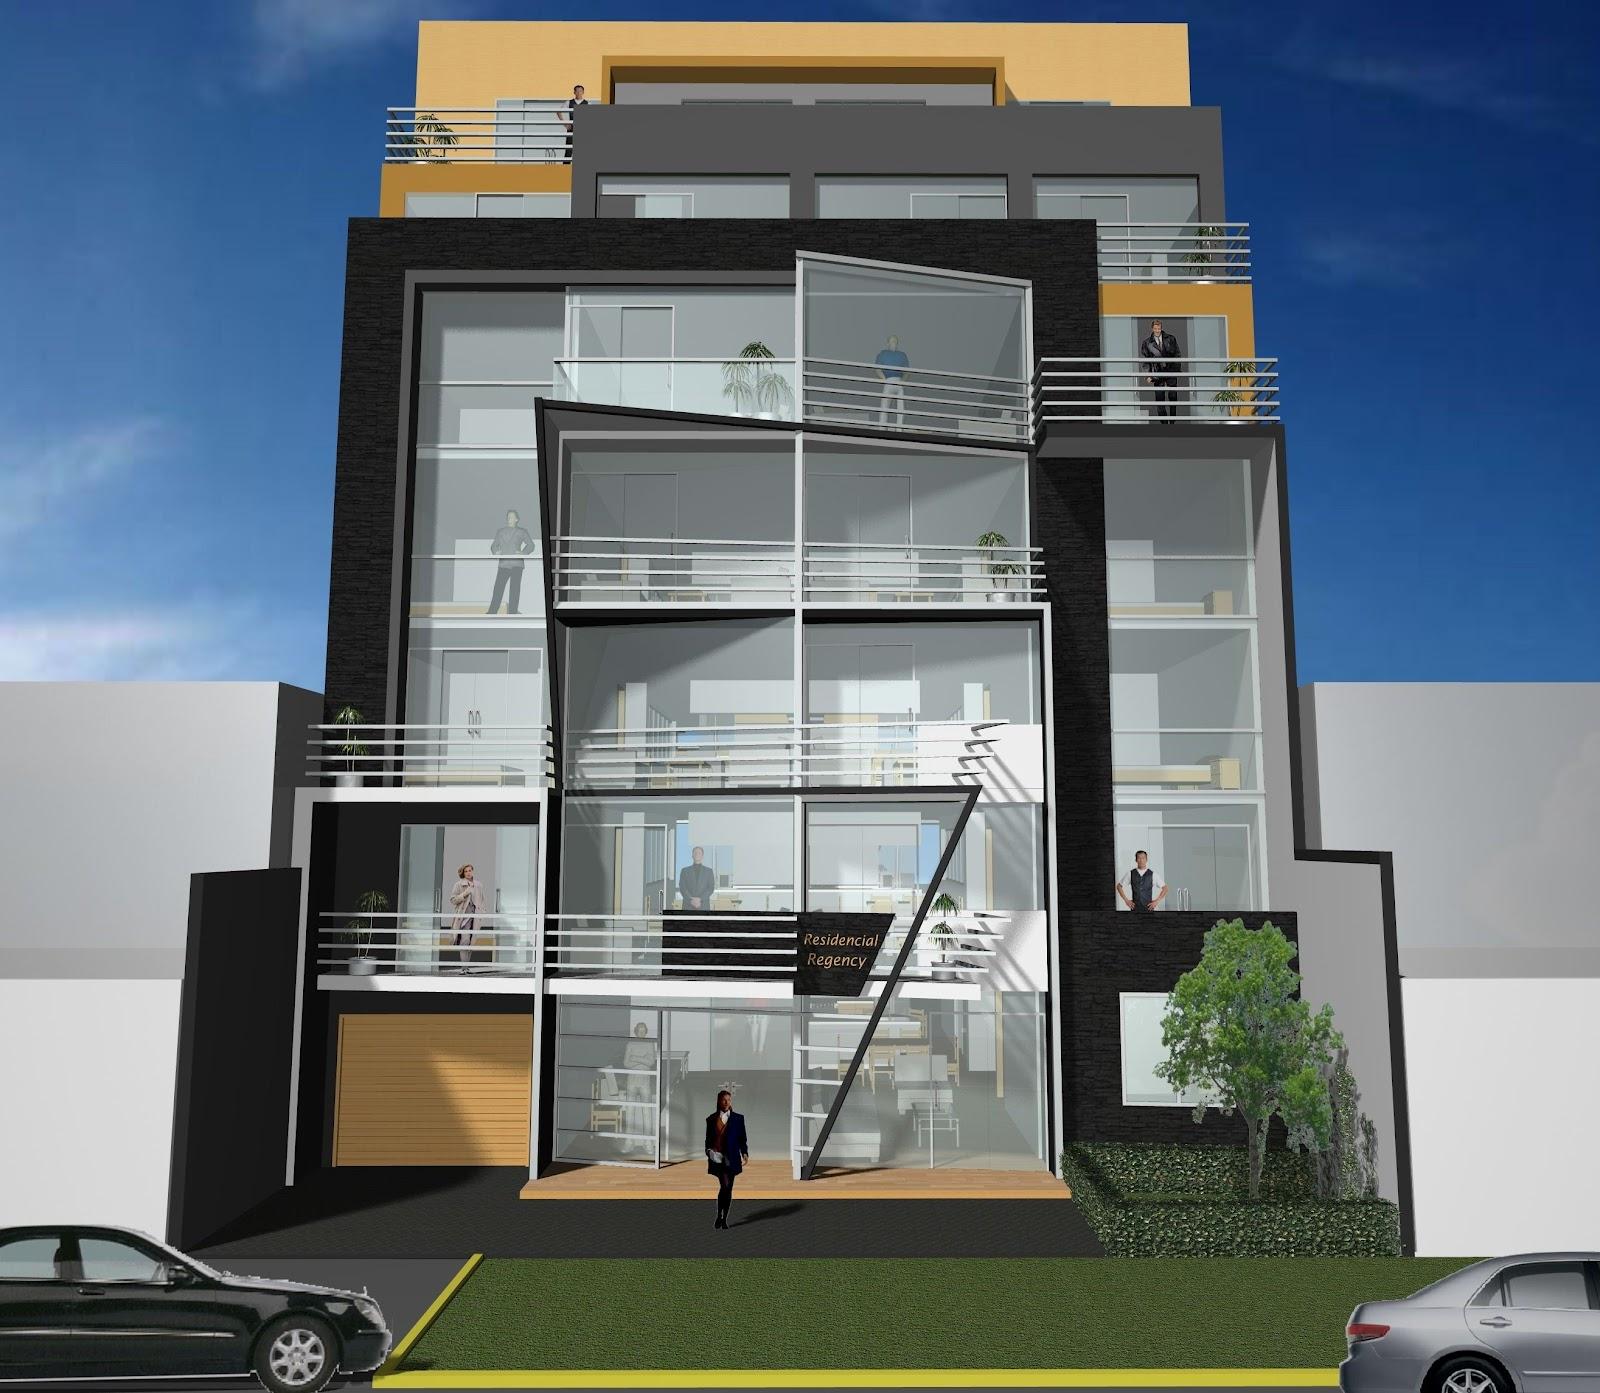 Santiago des1gns dise o de edificios multi familiares for Fachadas contemporaneas de edificios